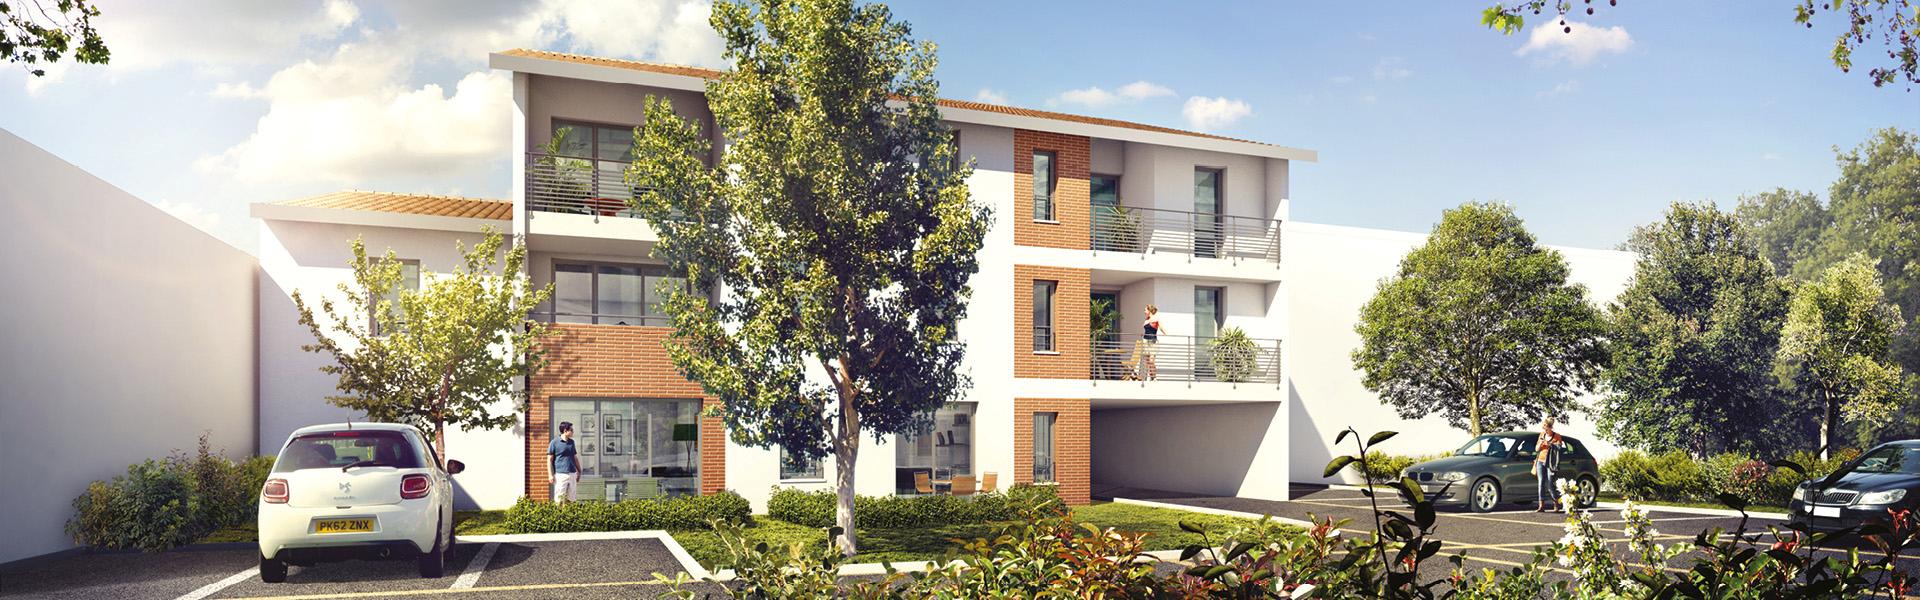 TOULOUSE (31) : Nouvelle r�sidence, quartier Saint-Simon